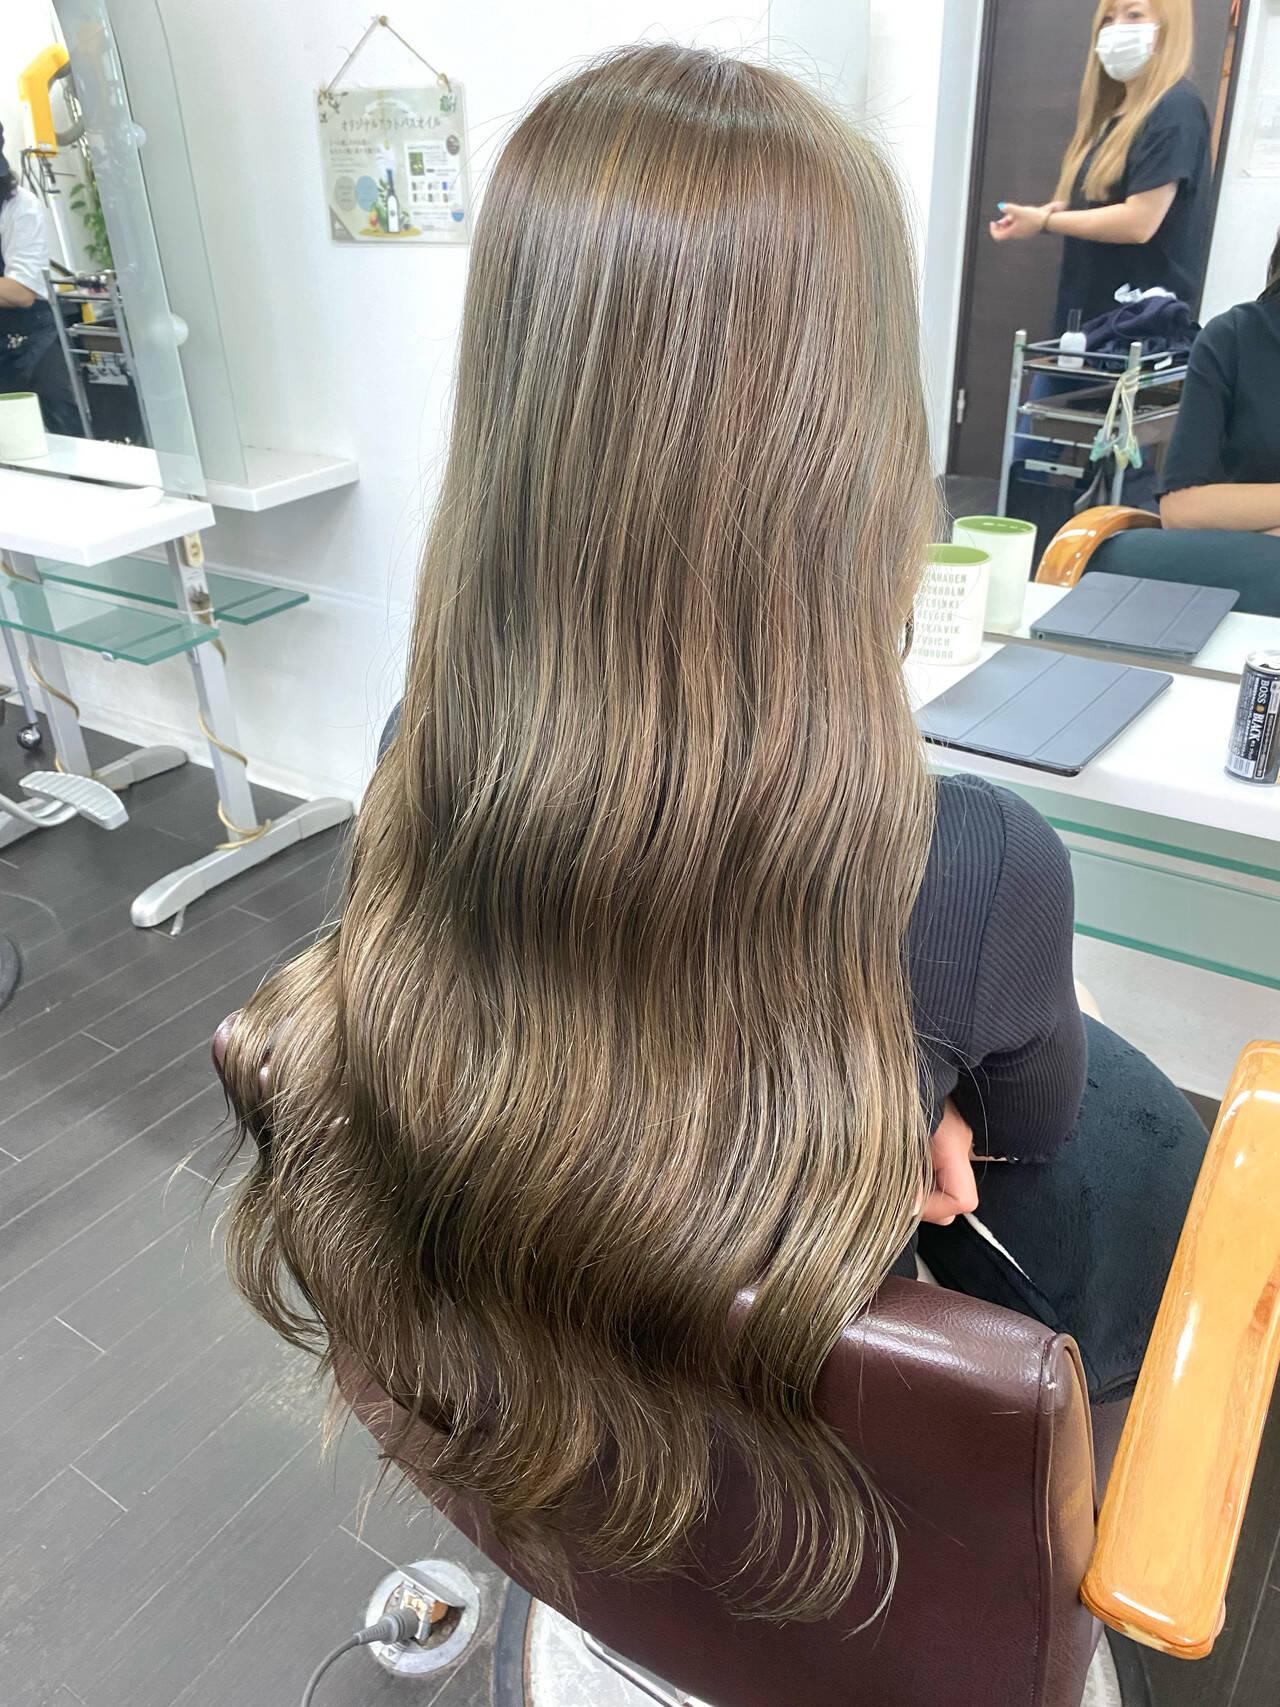 イルミナカラー ストリート グレージュ ミルクティーグレージュヘアスタイルや髪型の写真・画像